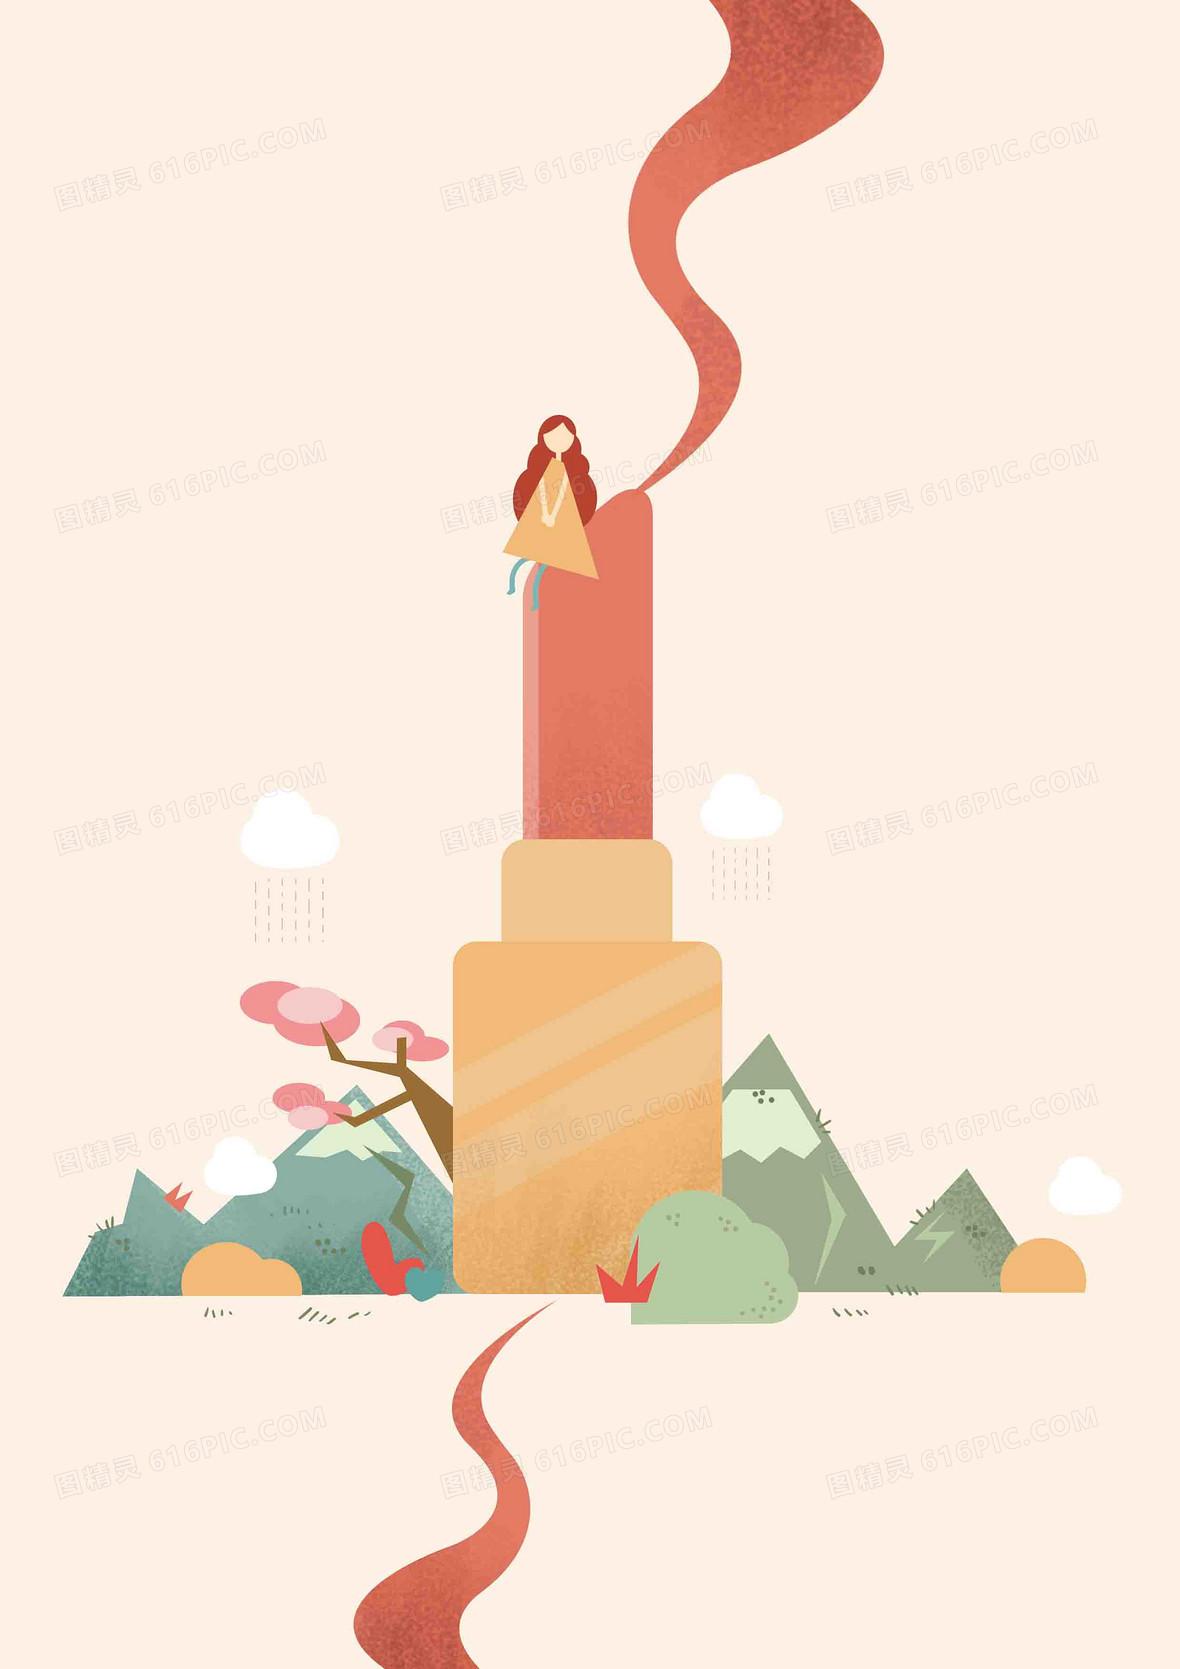 春运春节大气喜庆手绘海报背景